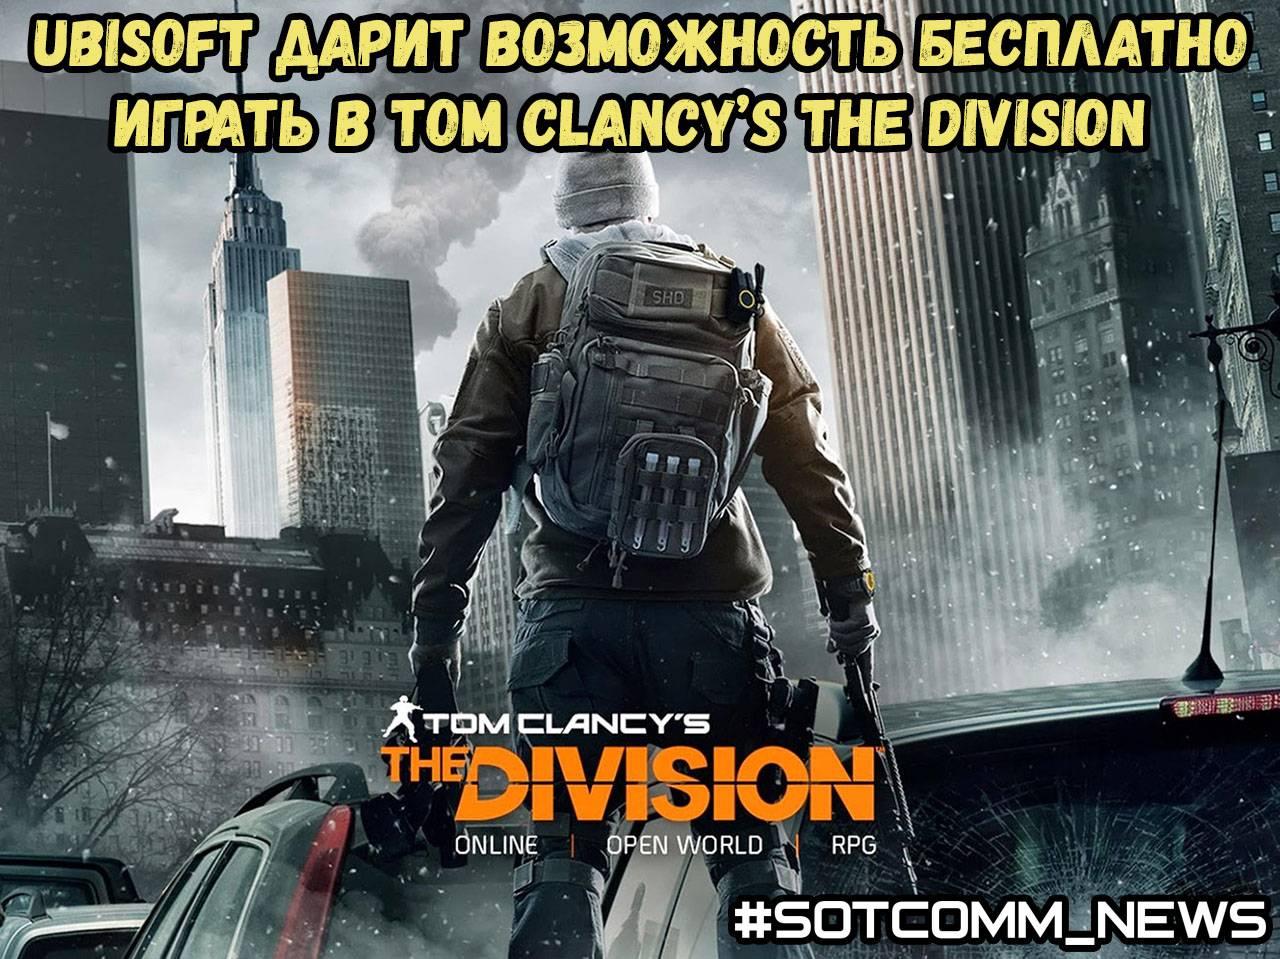 Ubisoft дарит возможность бесплатно играть в Tom Clancy's The Division